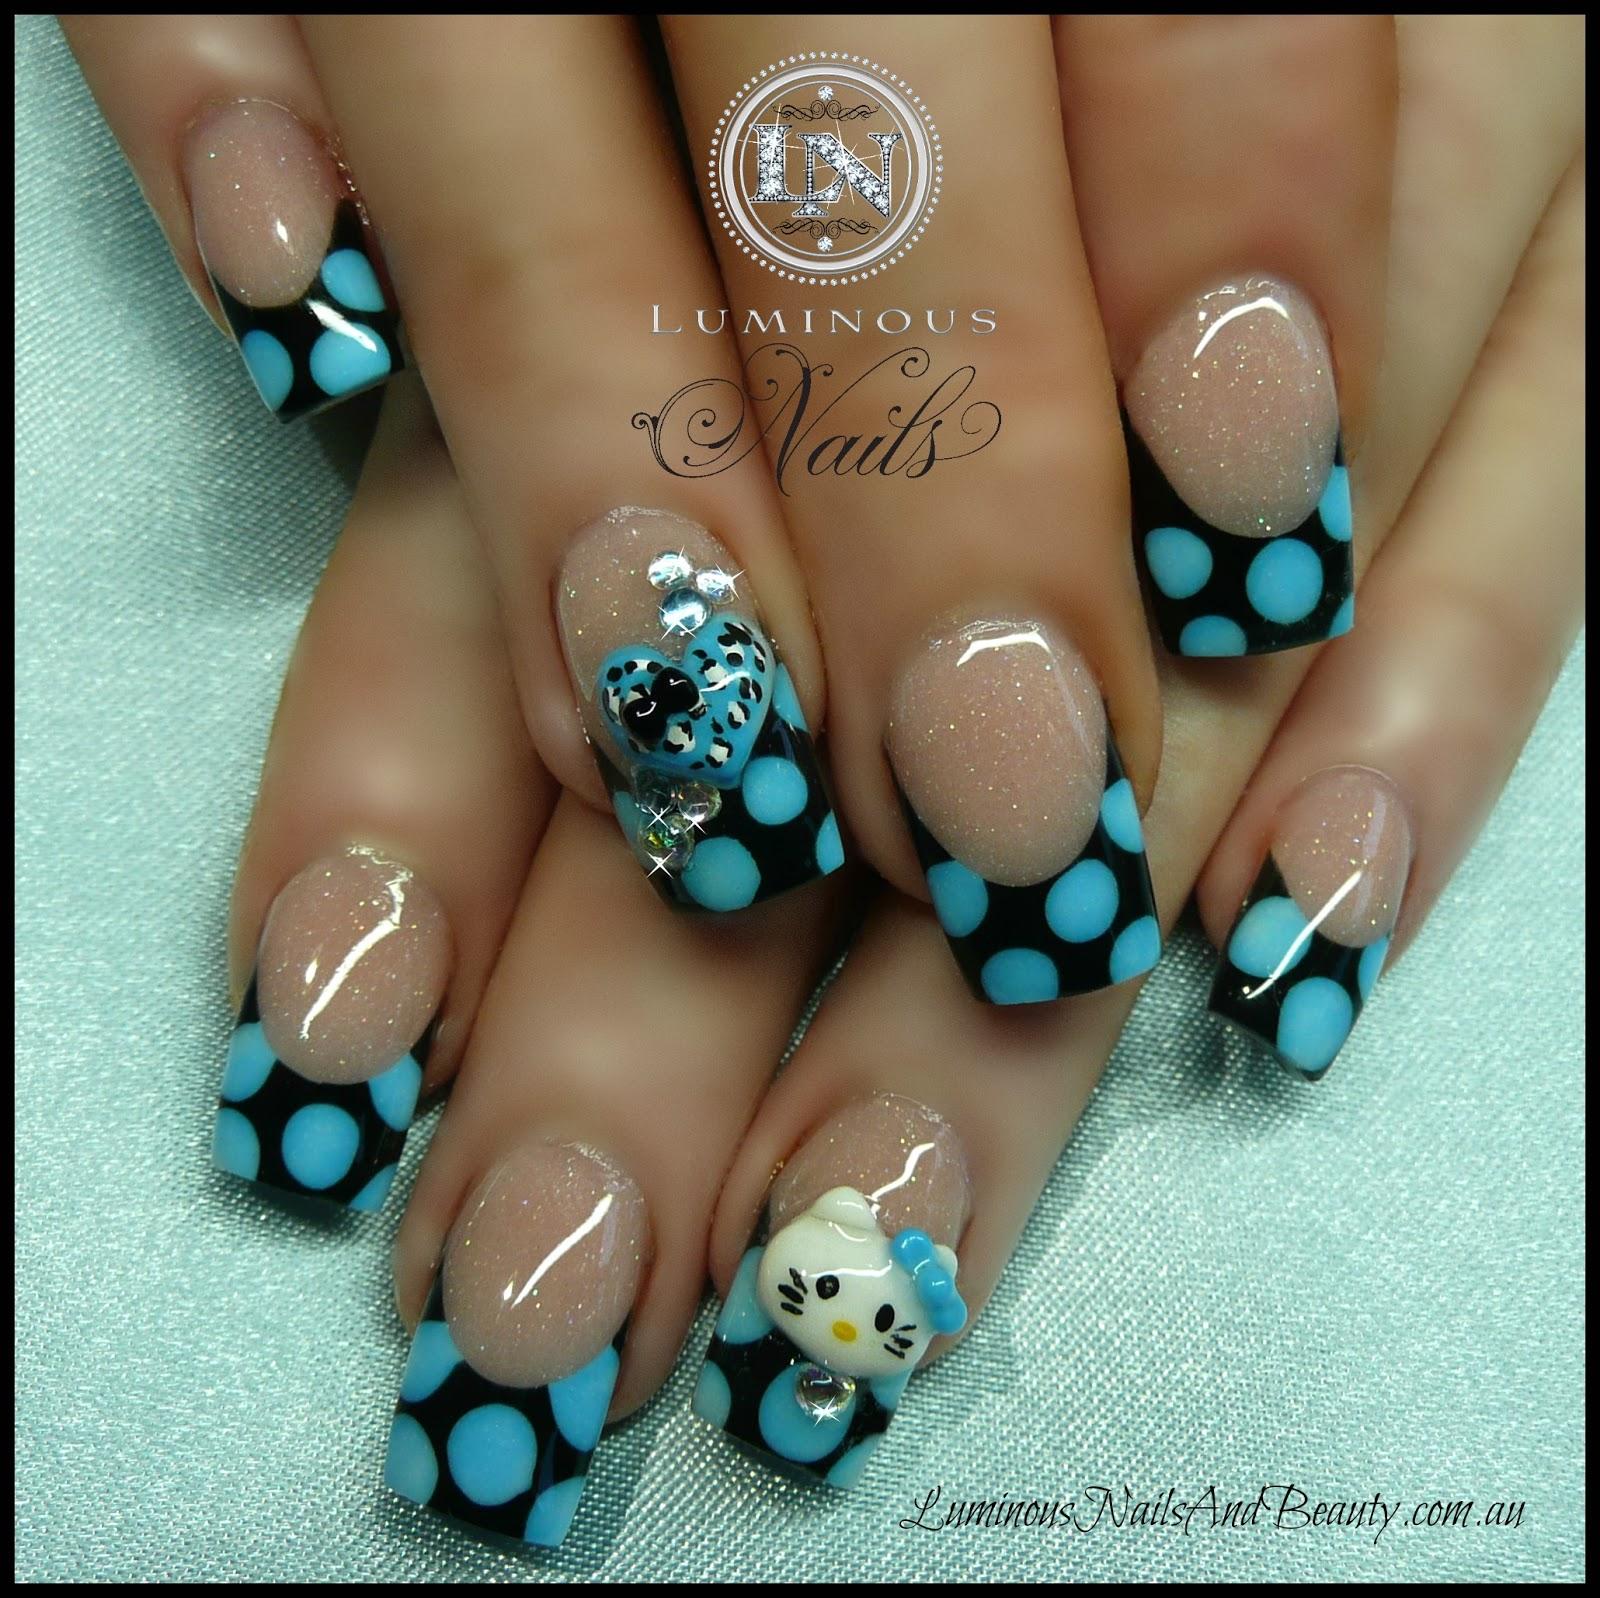 luminous nails nails and opal nails on pinterest